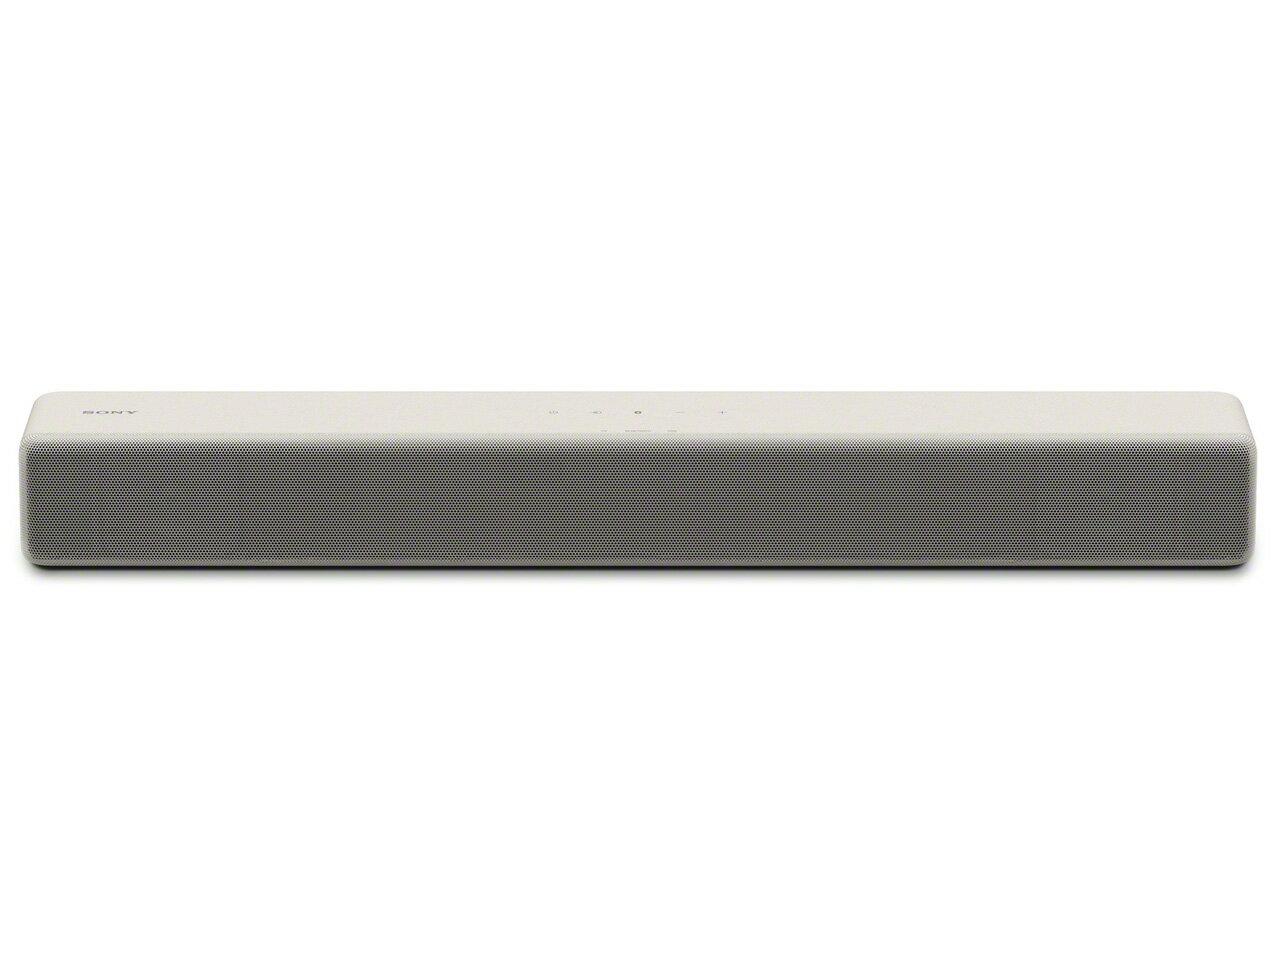 (お取り寄せ)ソニー SONY サウンドバー HT-S200F 2.1ch 内蔵サブウーファー NFC/Bluetooth ホームシアターシステム クリームホワイト HT-S200F W